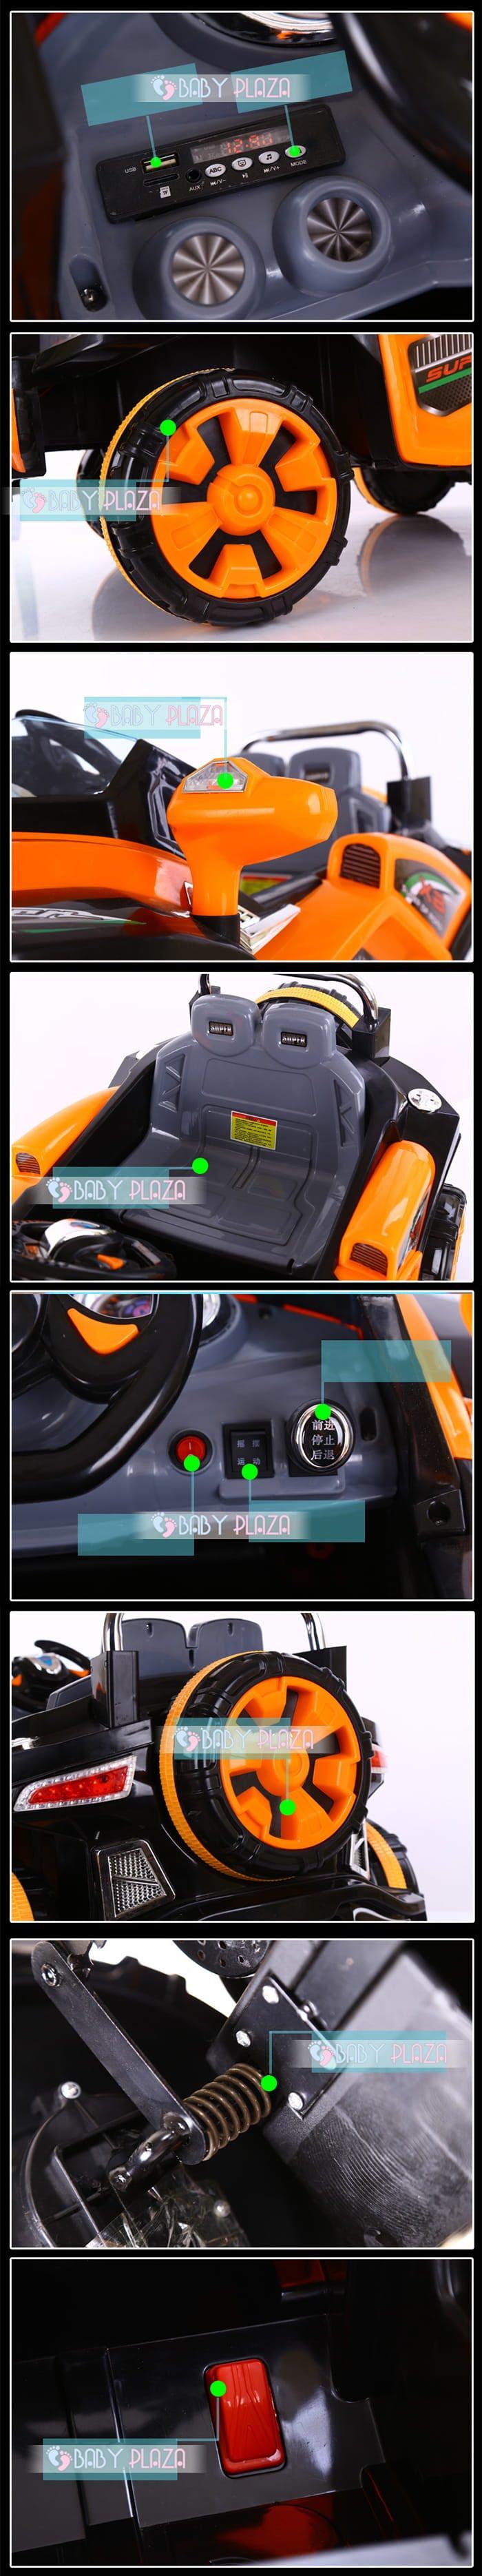 Xe ô tô điện cho bé XB-6866 10